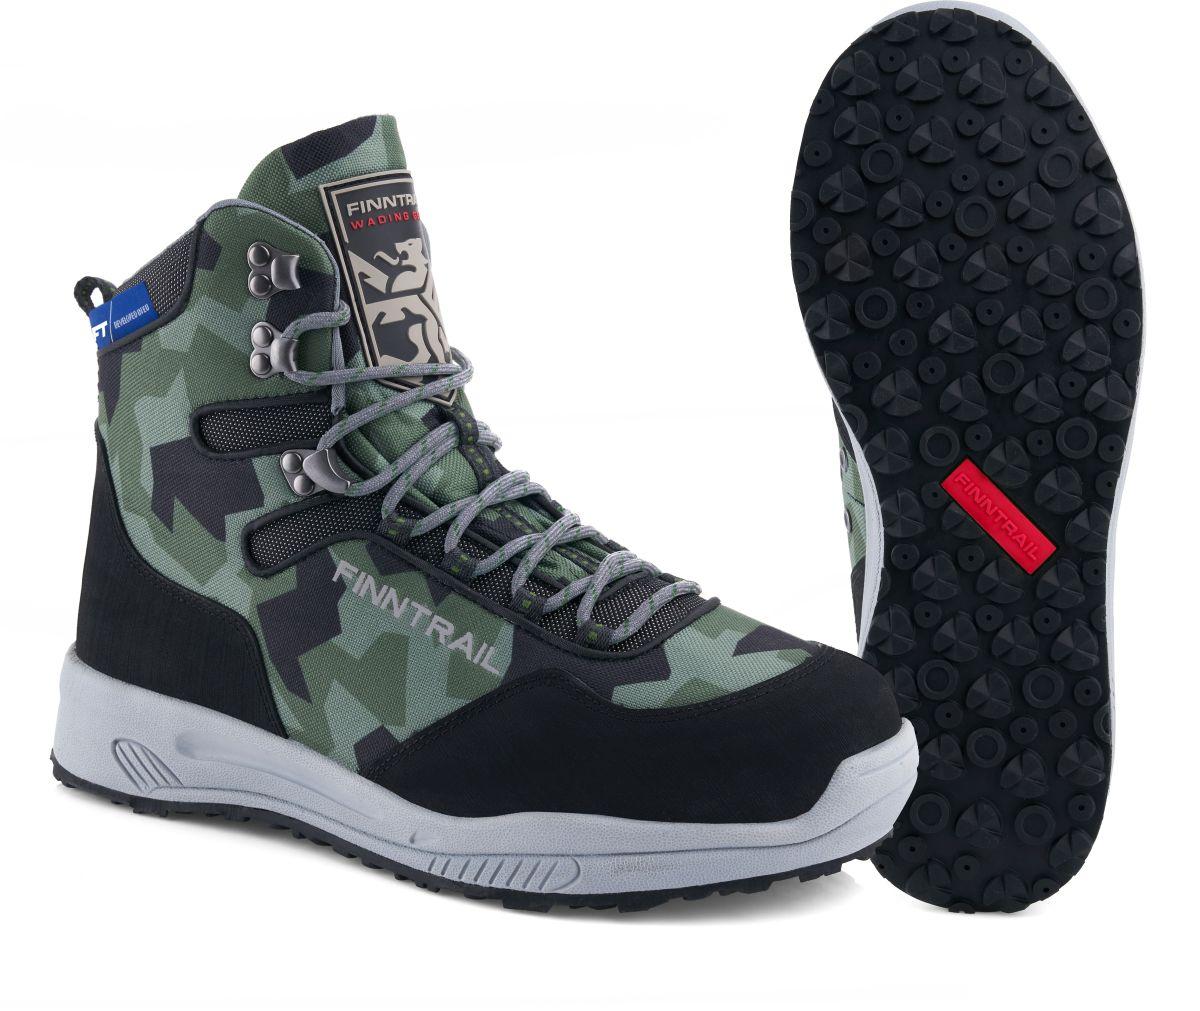 Finntrail Boots Sportsman CamoArmy